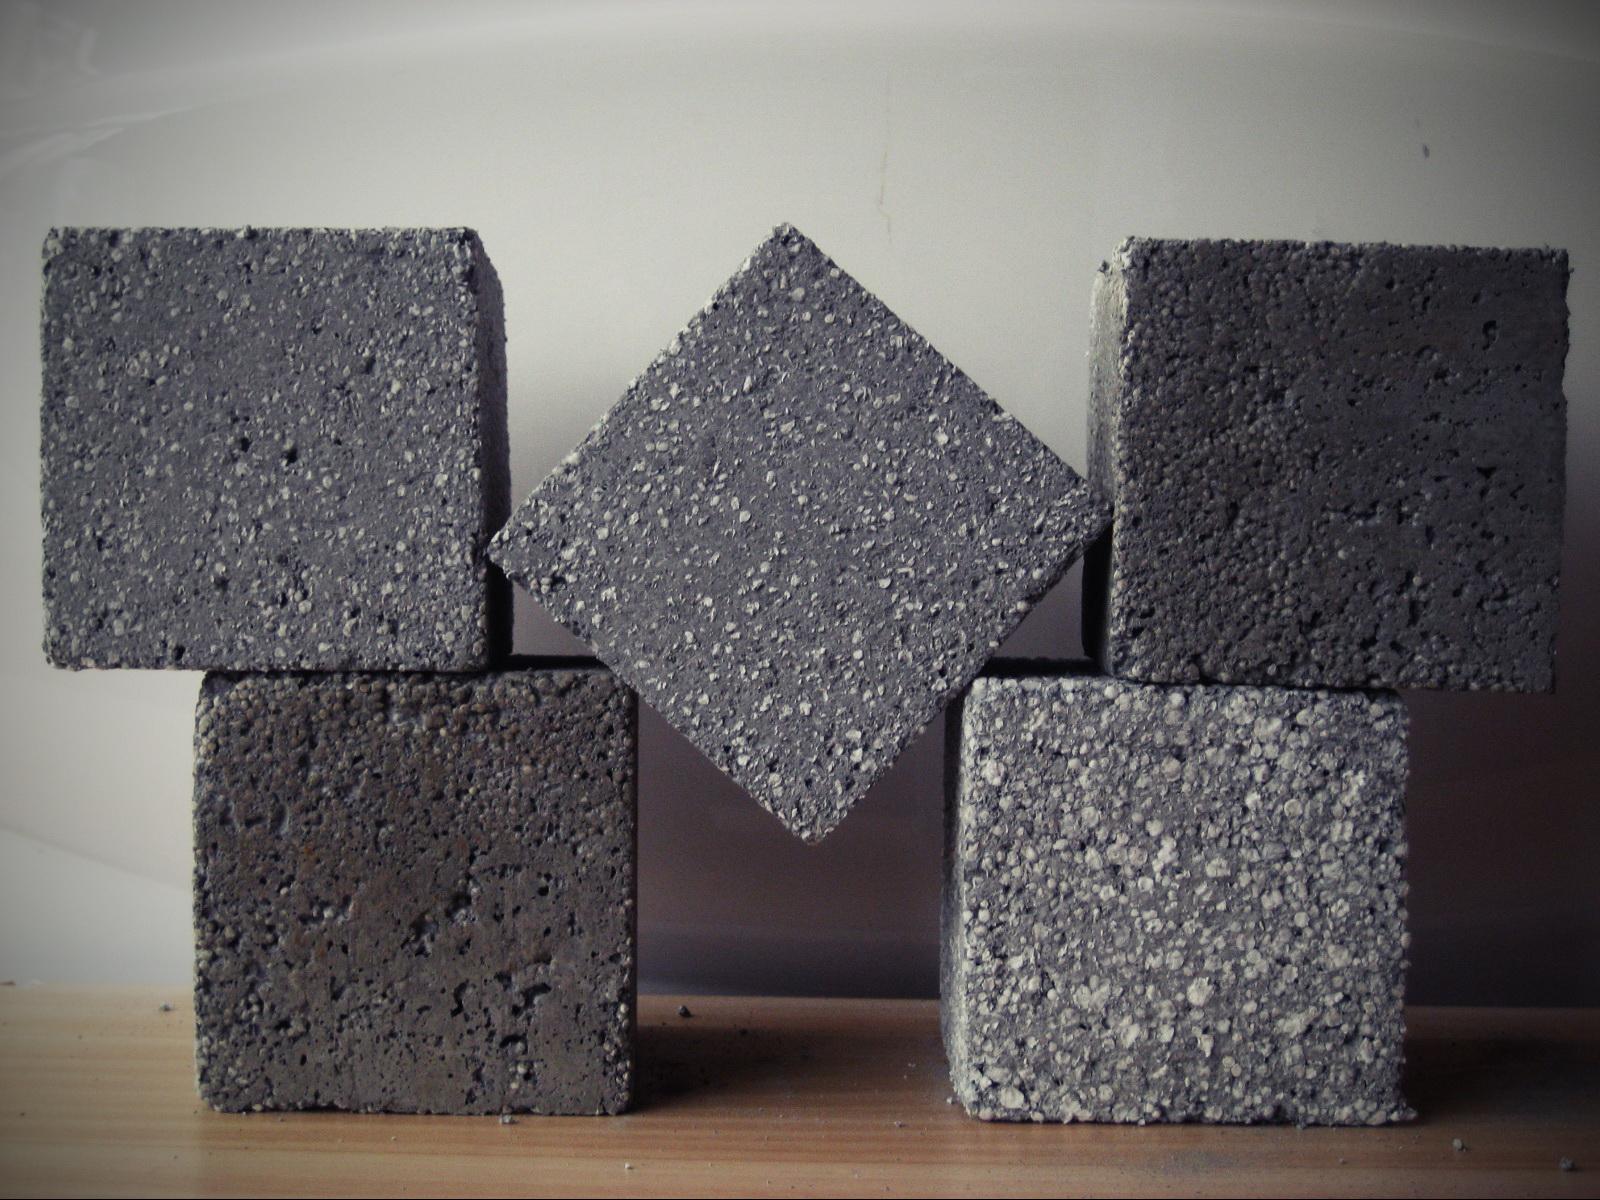 Пенополистирол на цементный раствор мешочек бетон